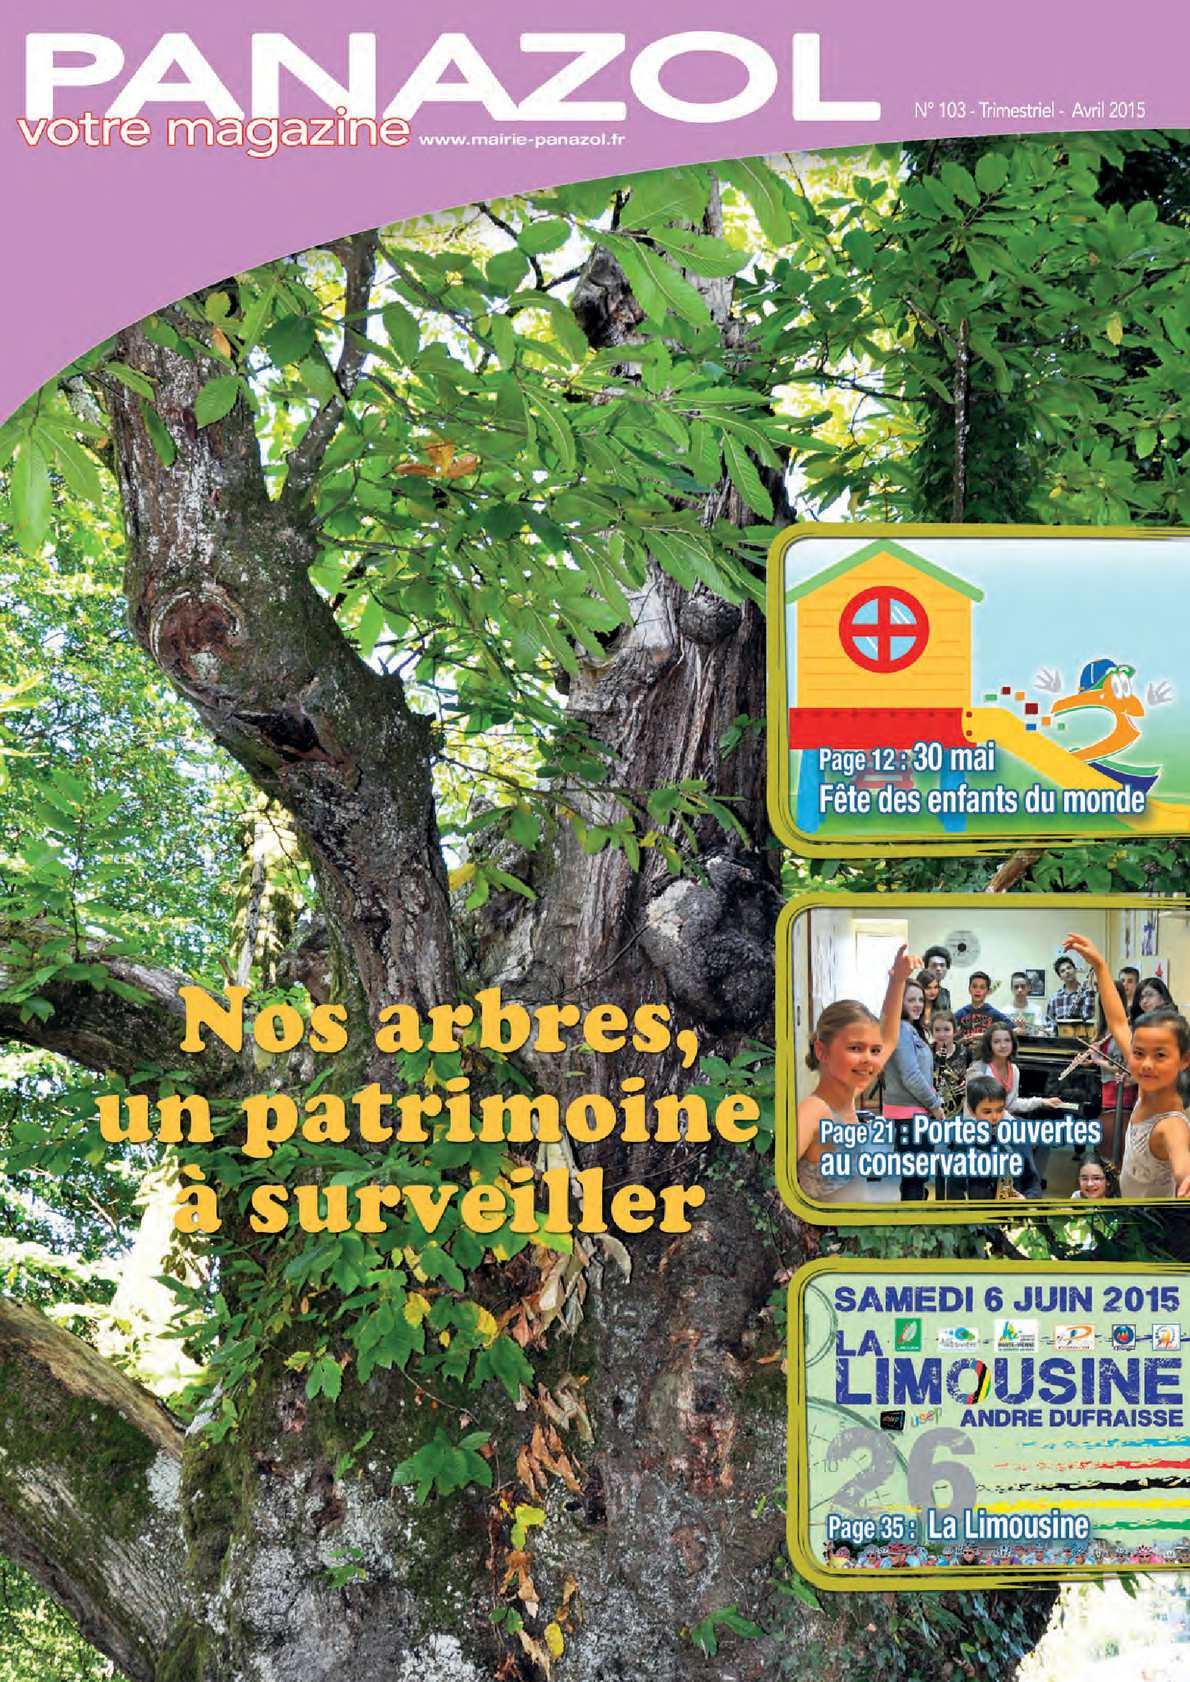 Rencontre cougar à Limoges, dans le quartier des Emailleurs